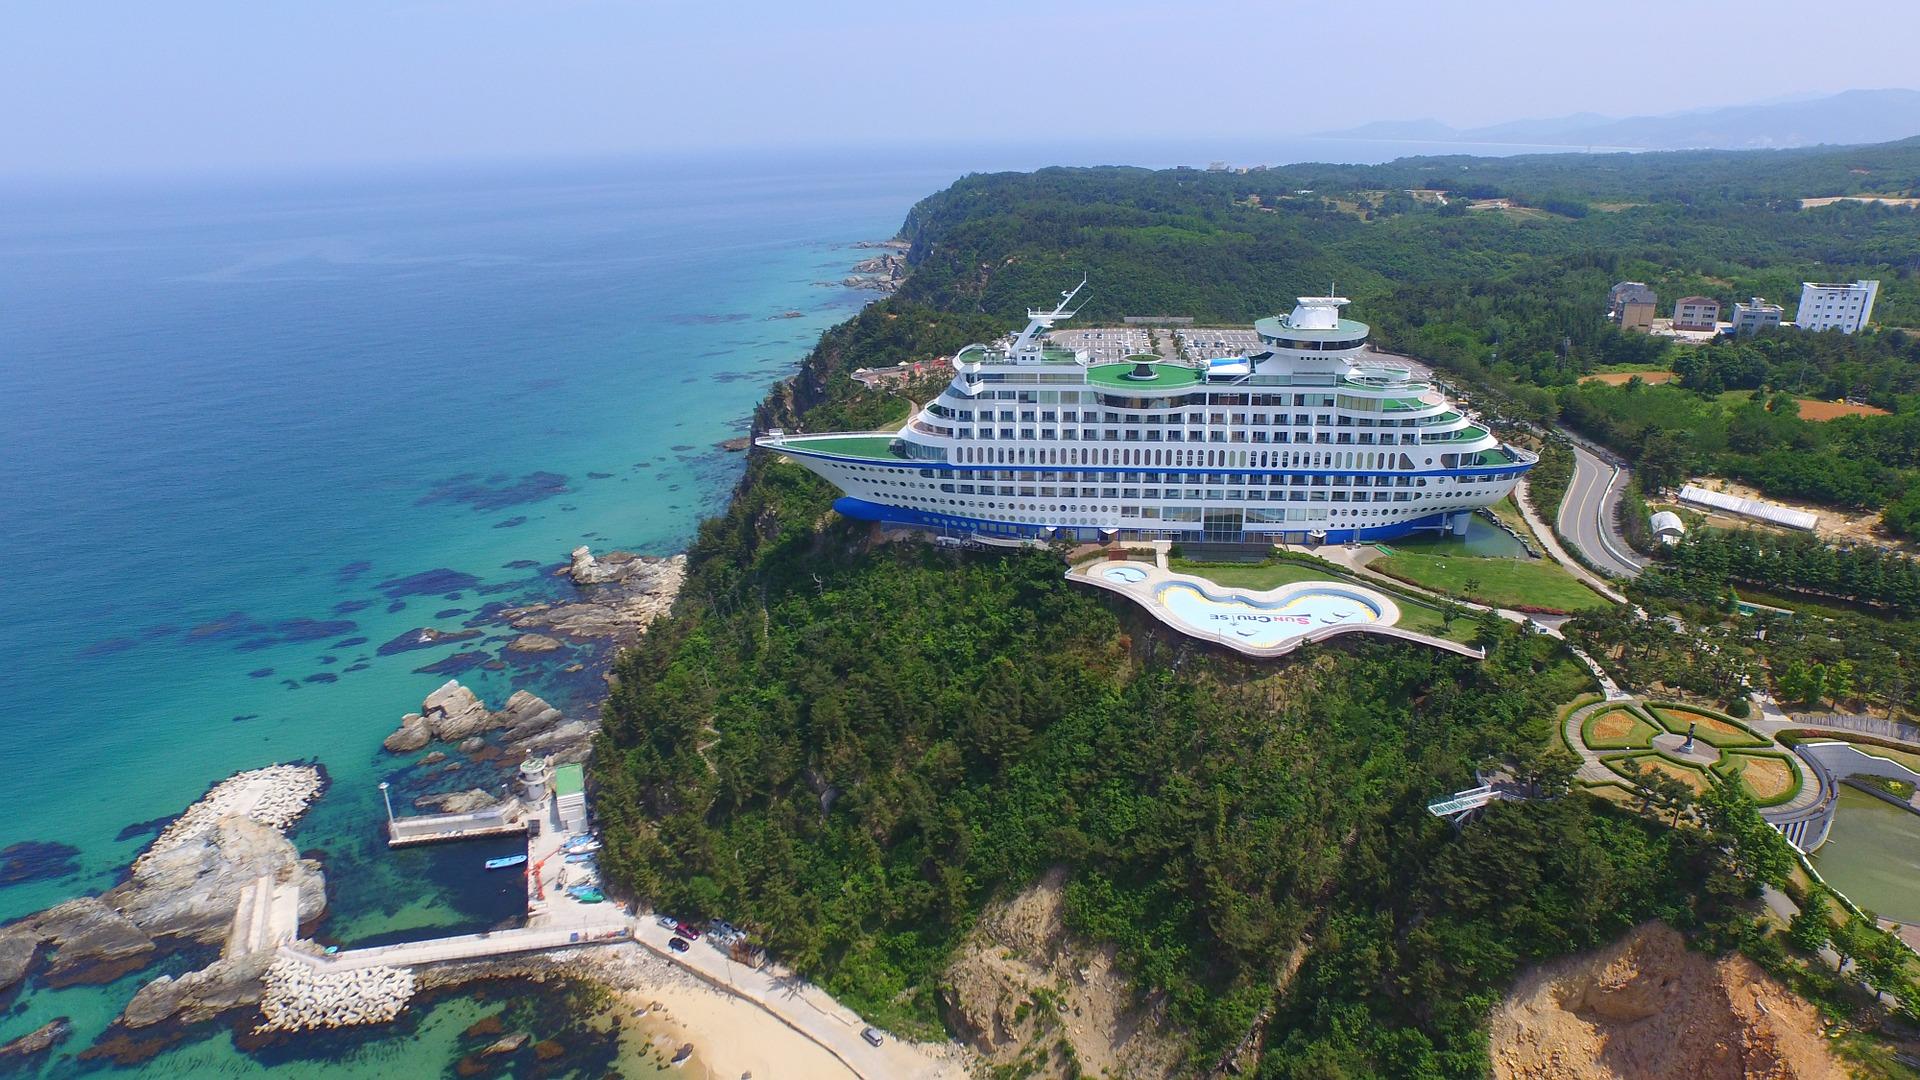 Picture of Jeongdongjin, South Korea taken by a drone